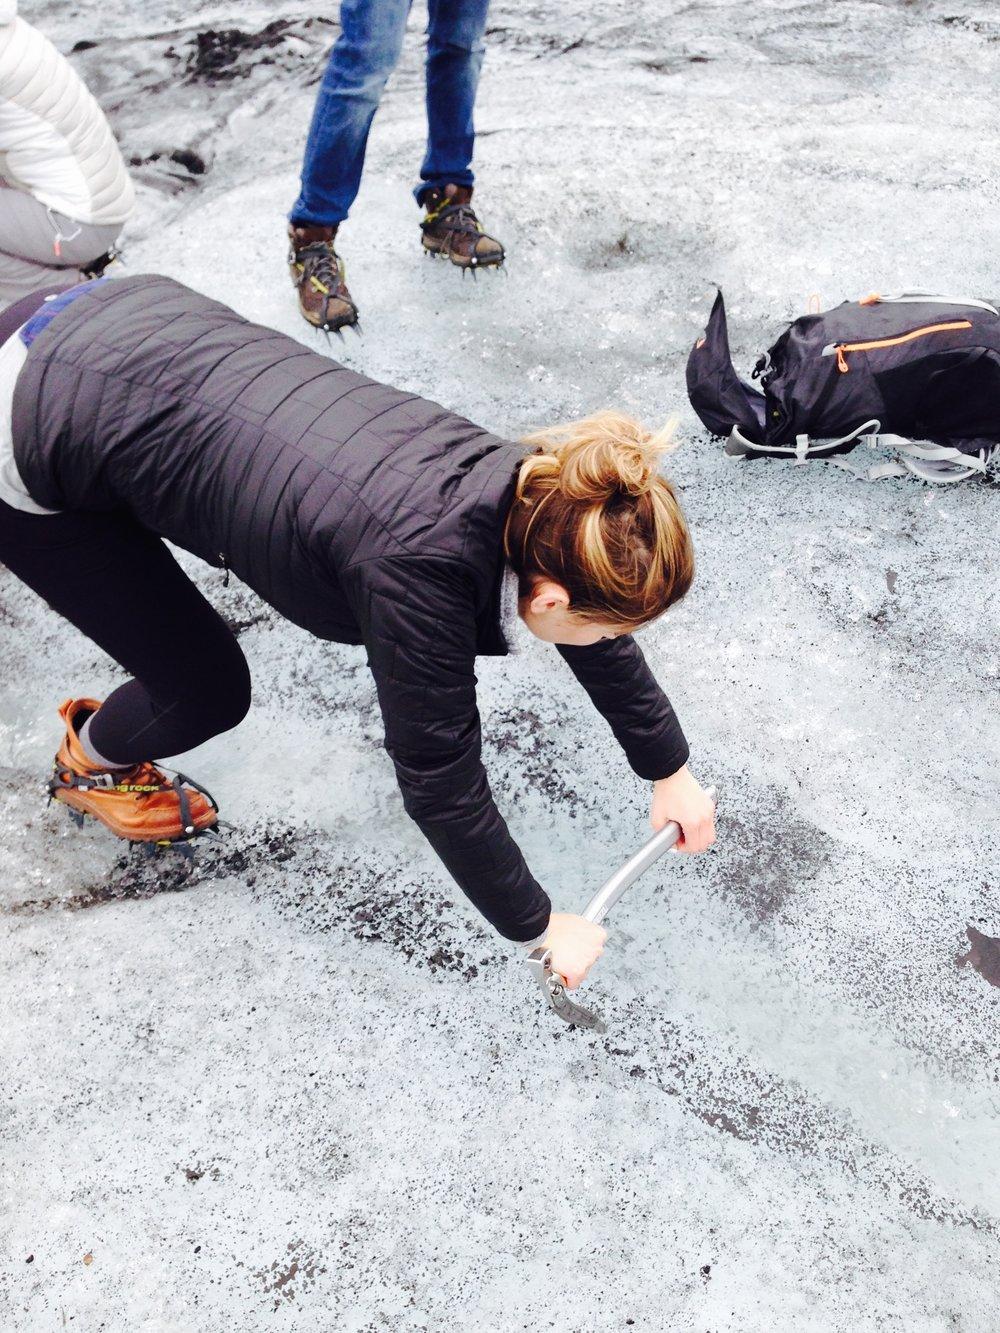 iceland-solheimajokull-glacier-hike-axe.jpg